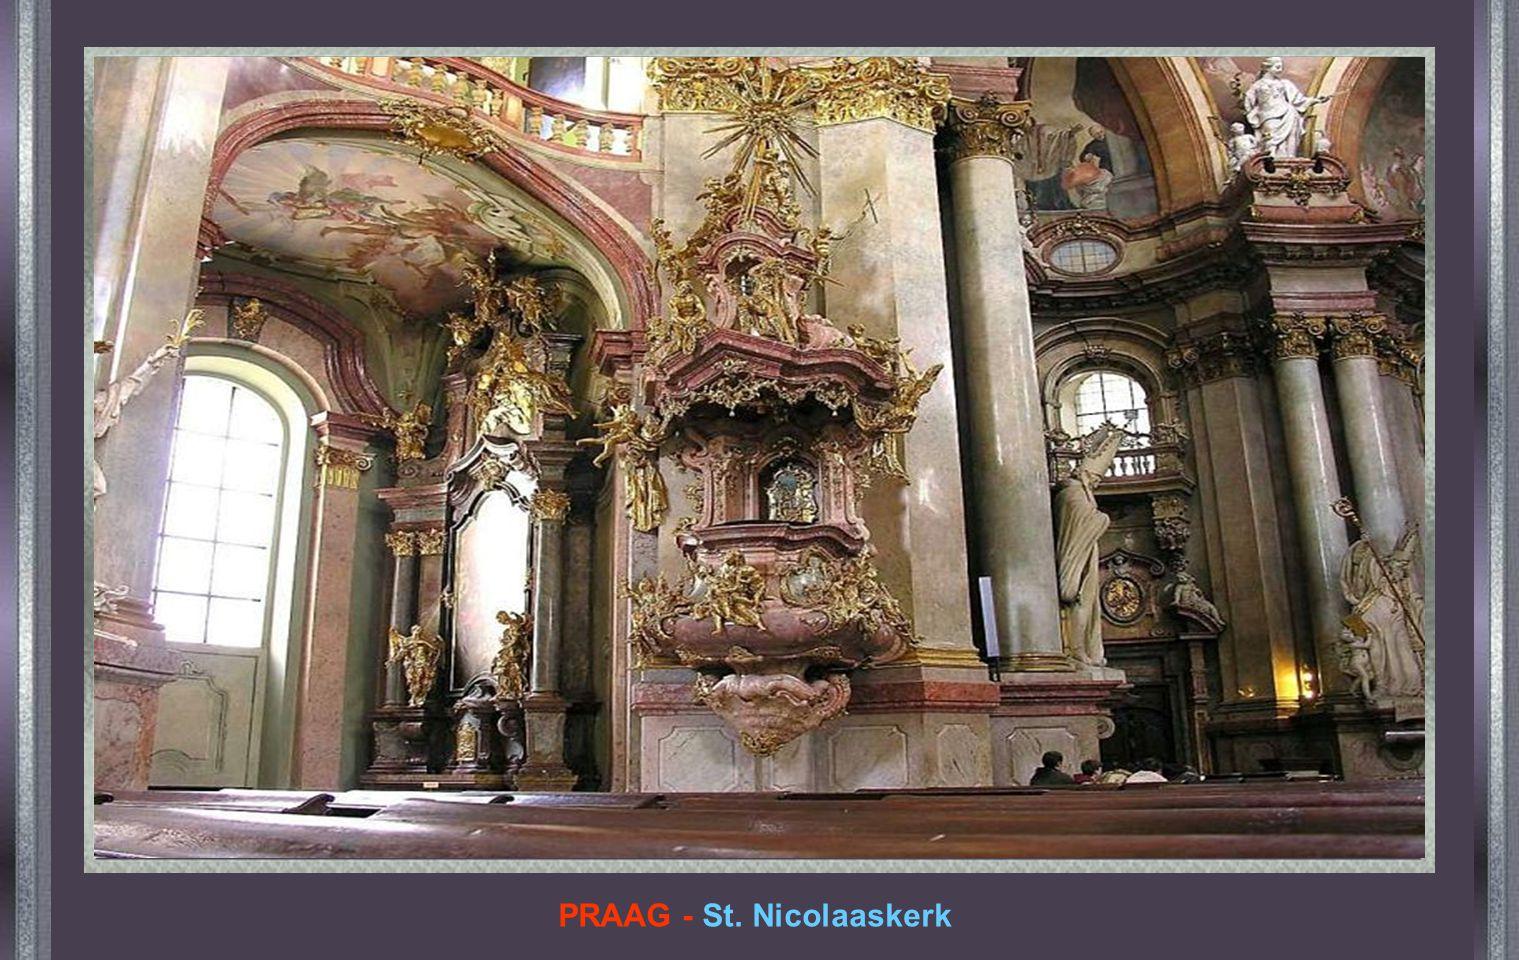 SMOLENSK - RUSLAND Kerk van de Geboorte van Christus Toen Napoleon Rusland binnenviel verkondigde hij voor dit altaar dat indien een van zijn soldaten waagde om te vluchten,, dan zou hij hem persoonlijk doden